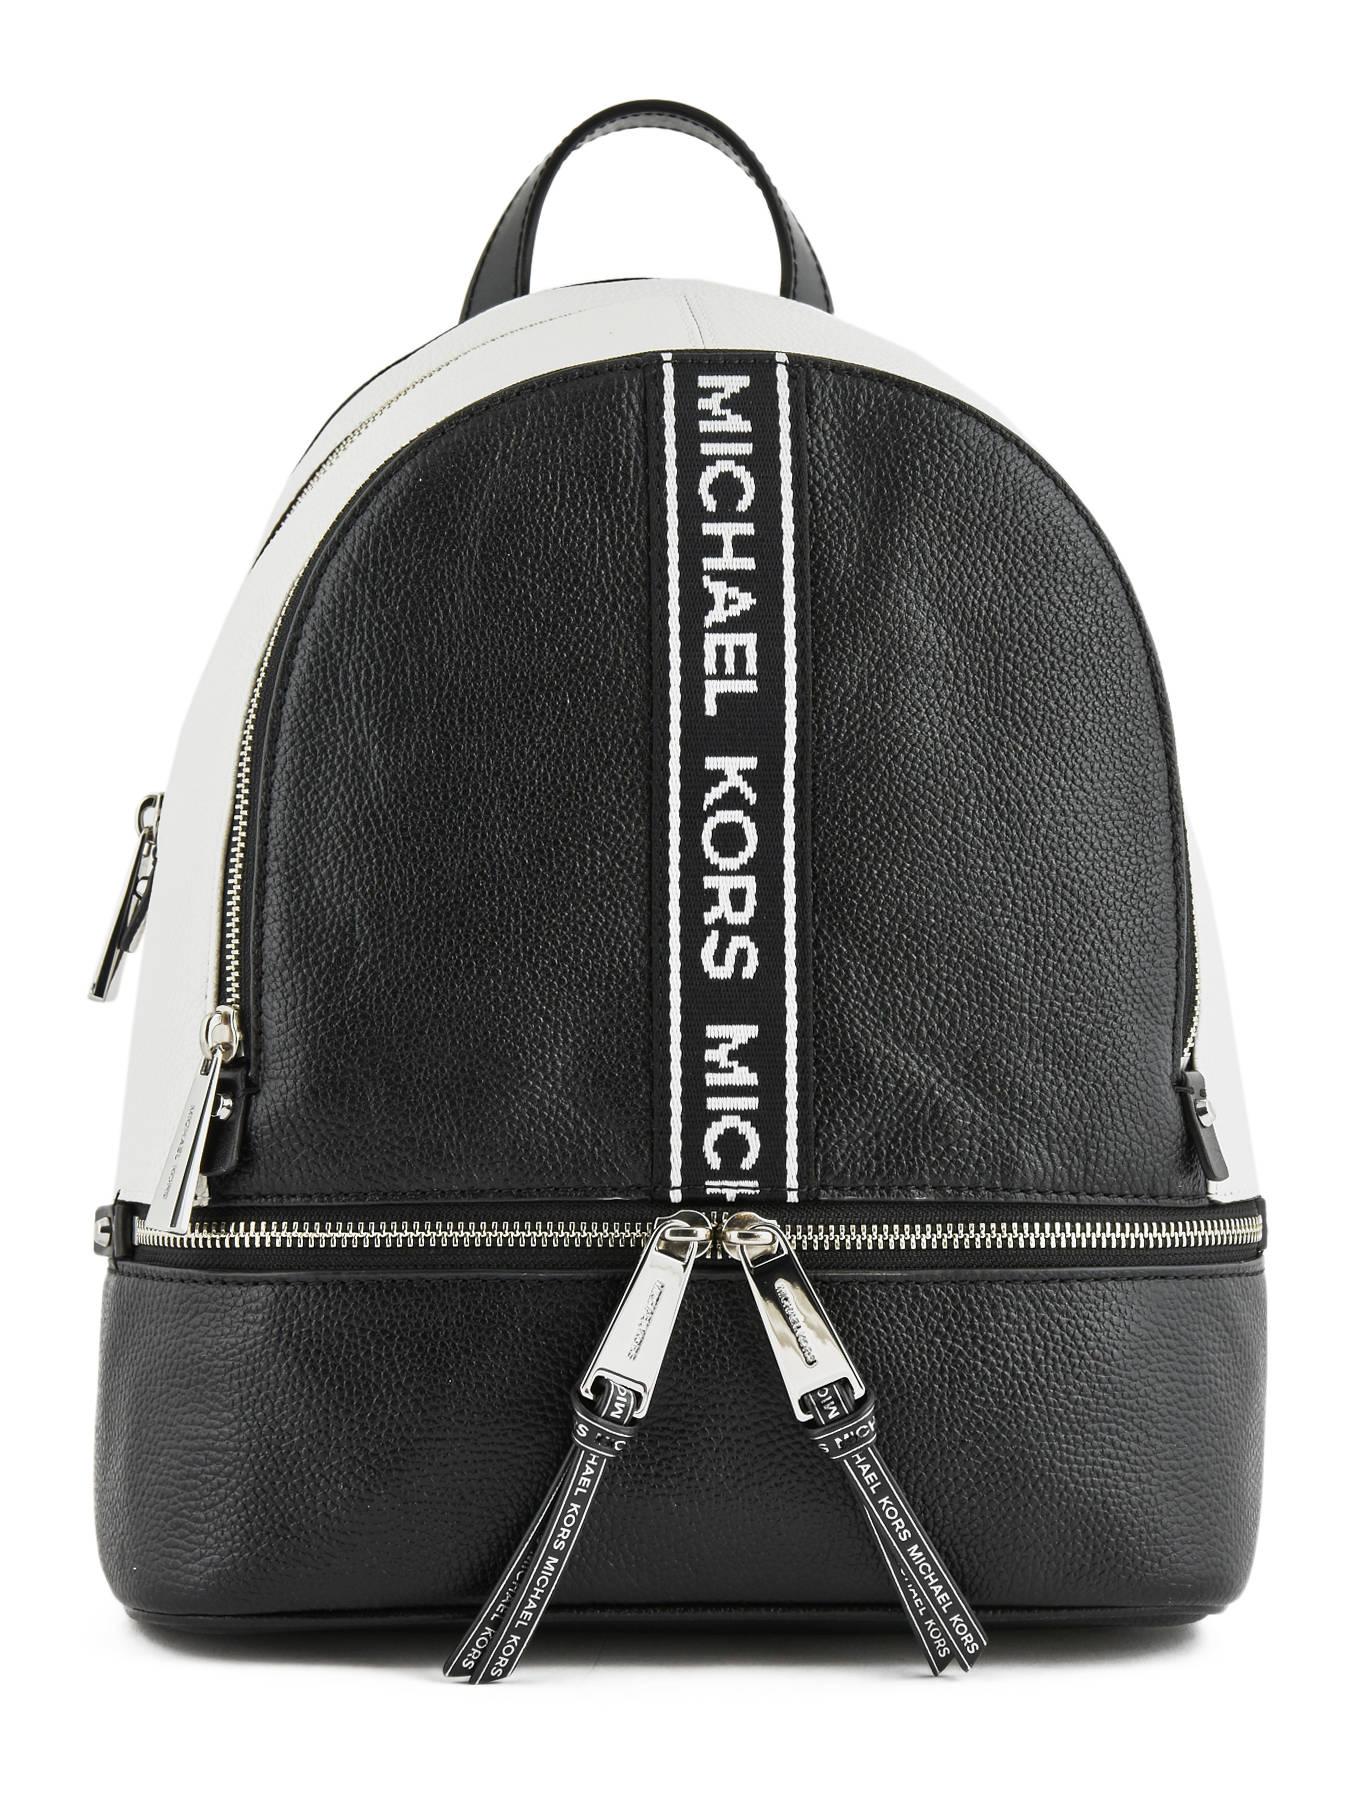 300de556fefc ... Backpack Michael kors Black kors H8SEZB6T ...